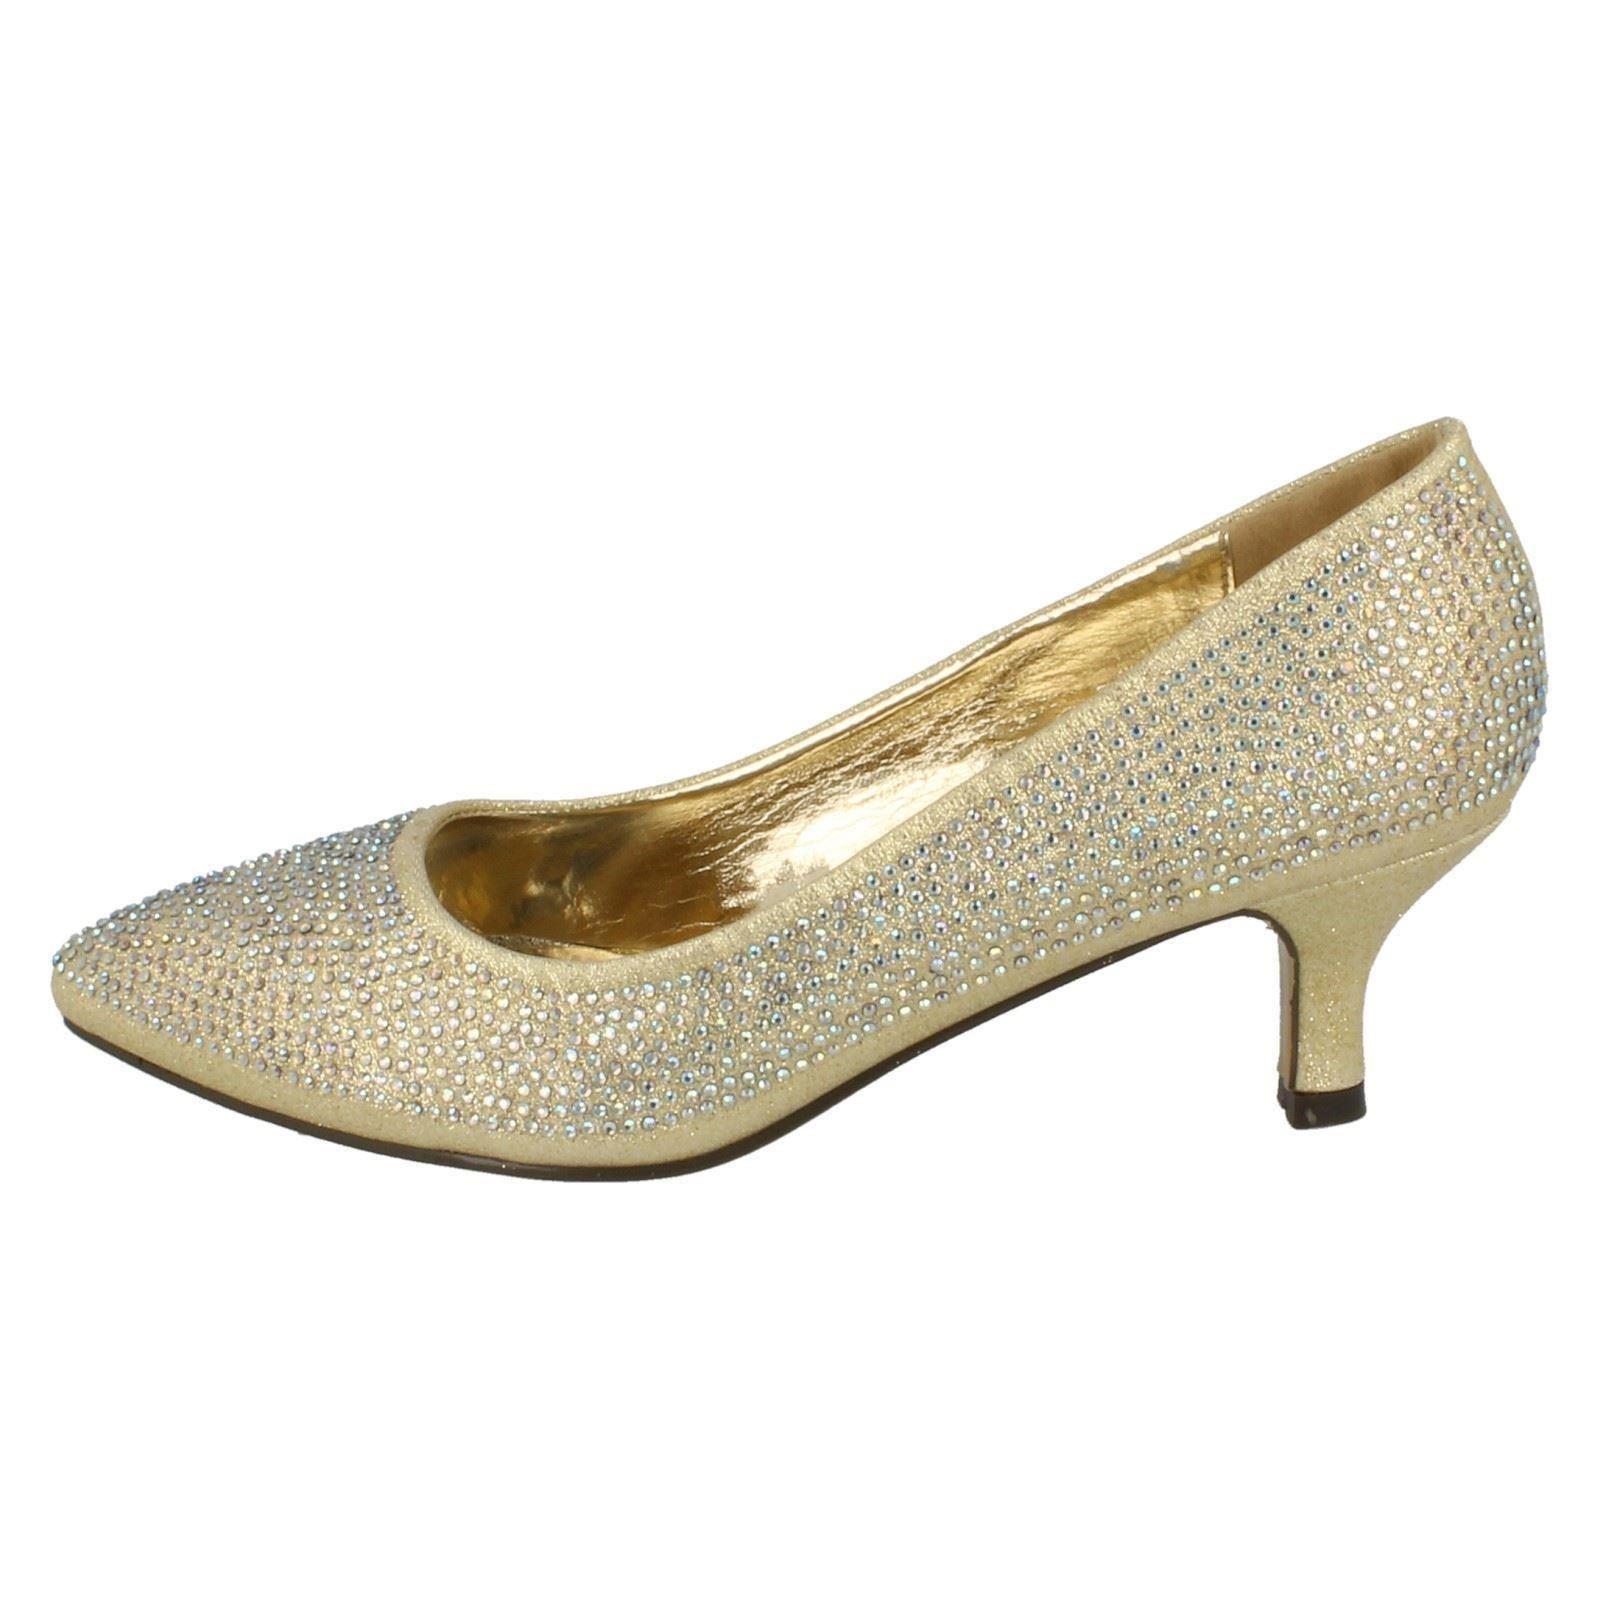 Ladies-Anne-Michelle-Diamante-Low-Heel-Court-Shoes thumbnail 16